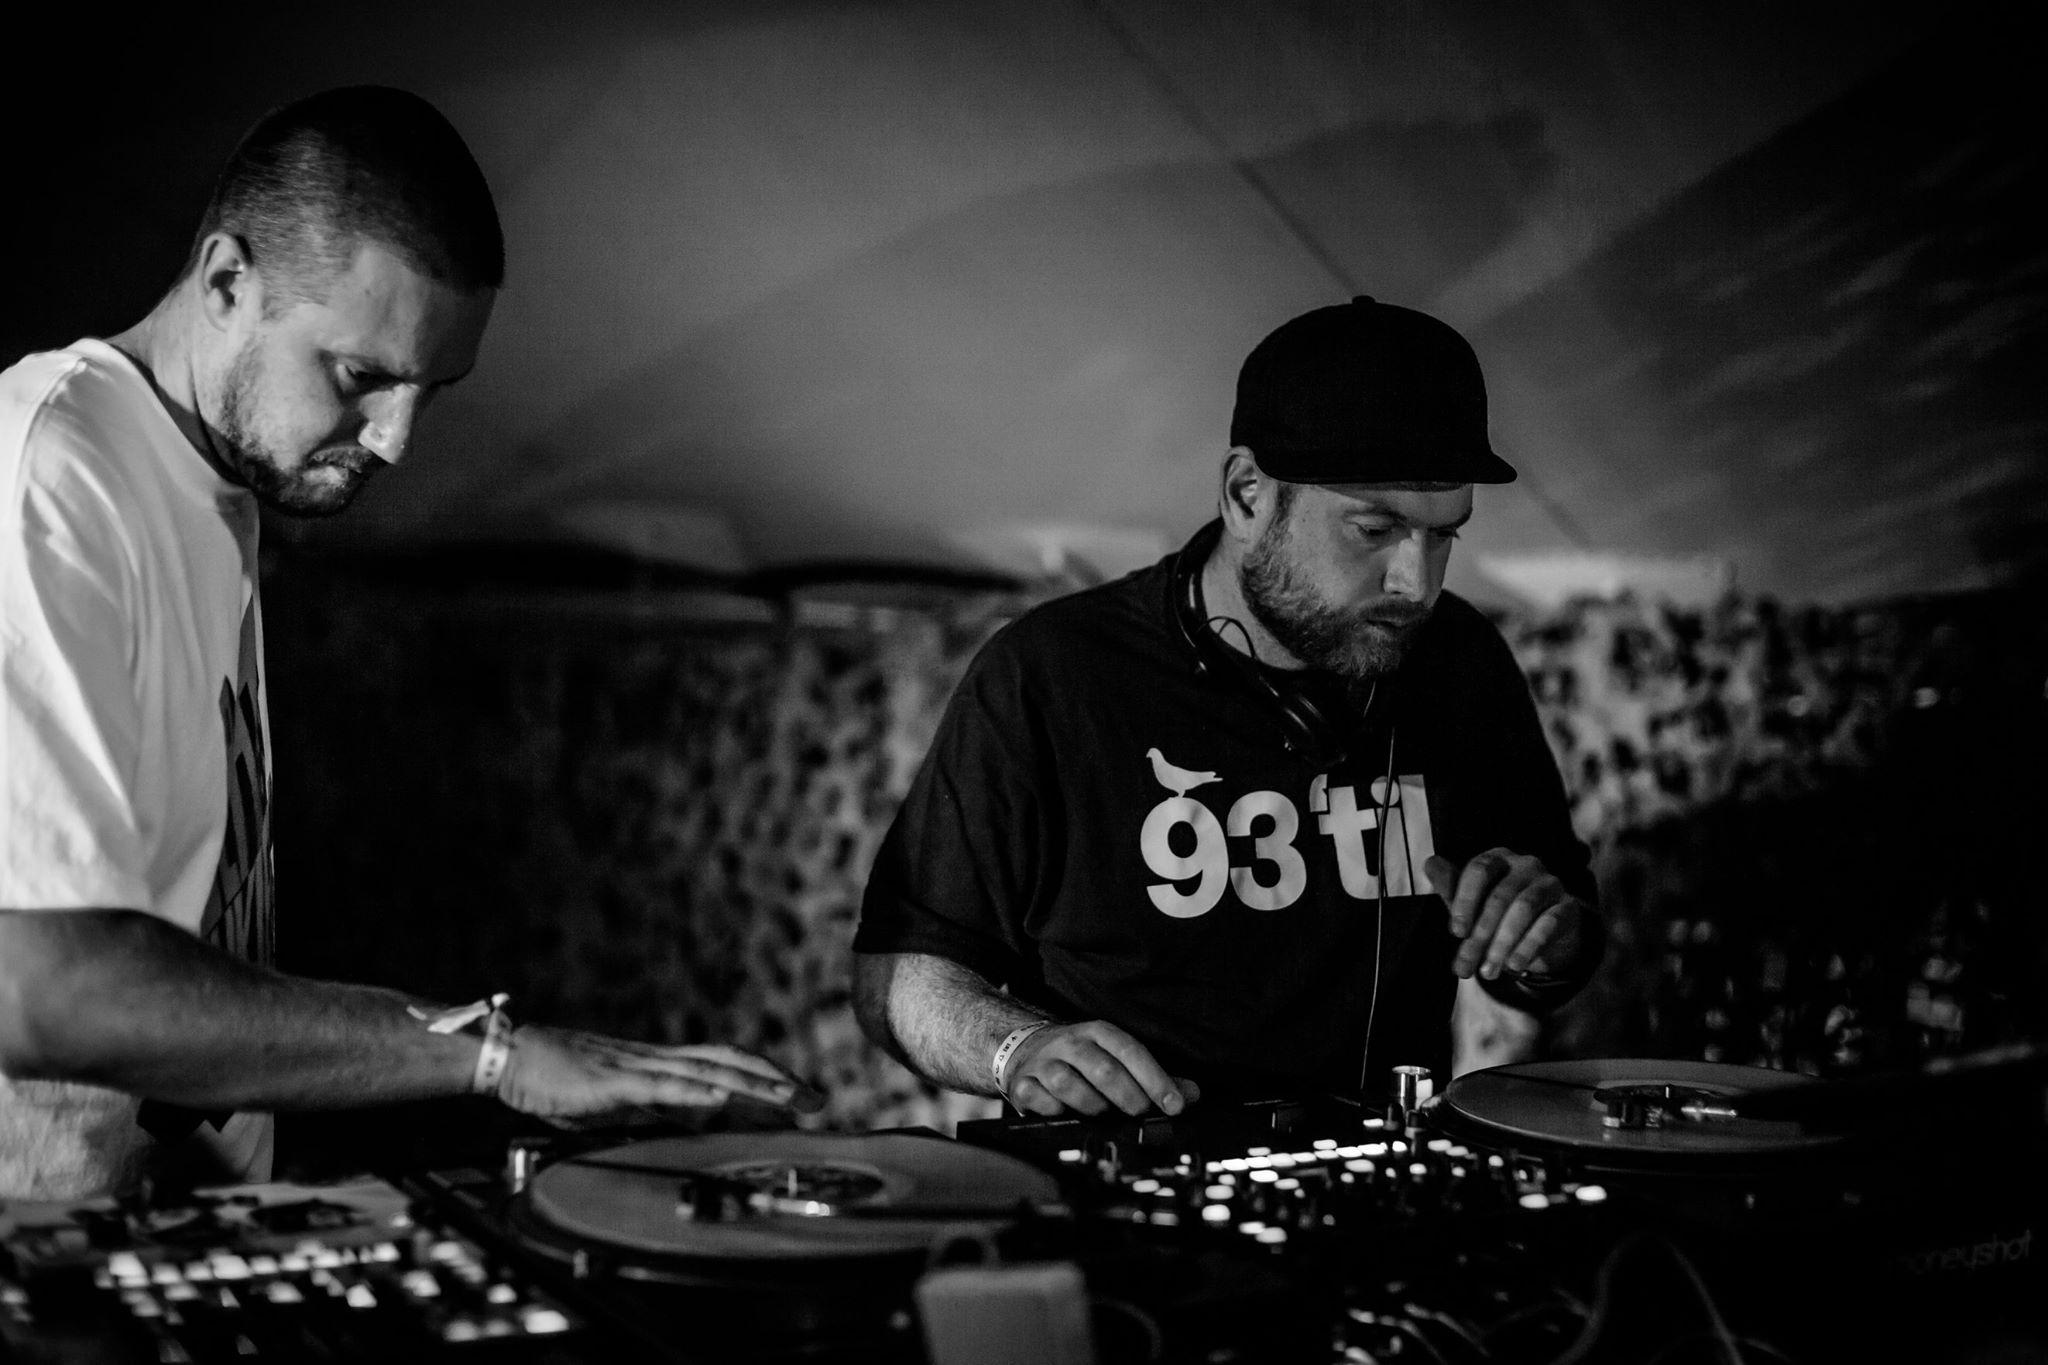 *MIXTAPE 5* club presents: Hip-Hop Souls Vol. 8